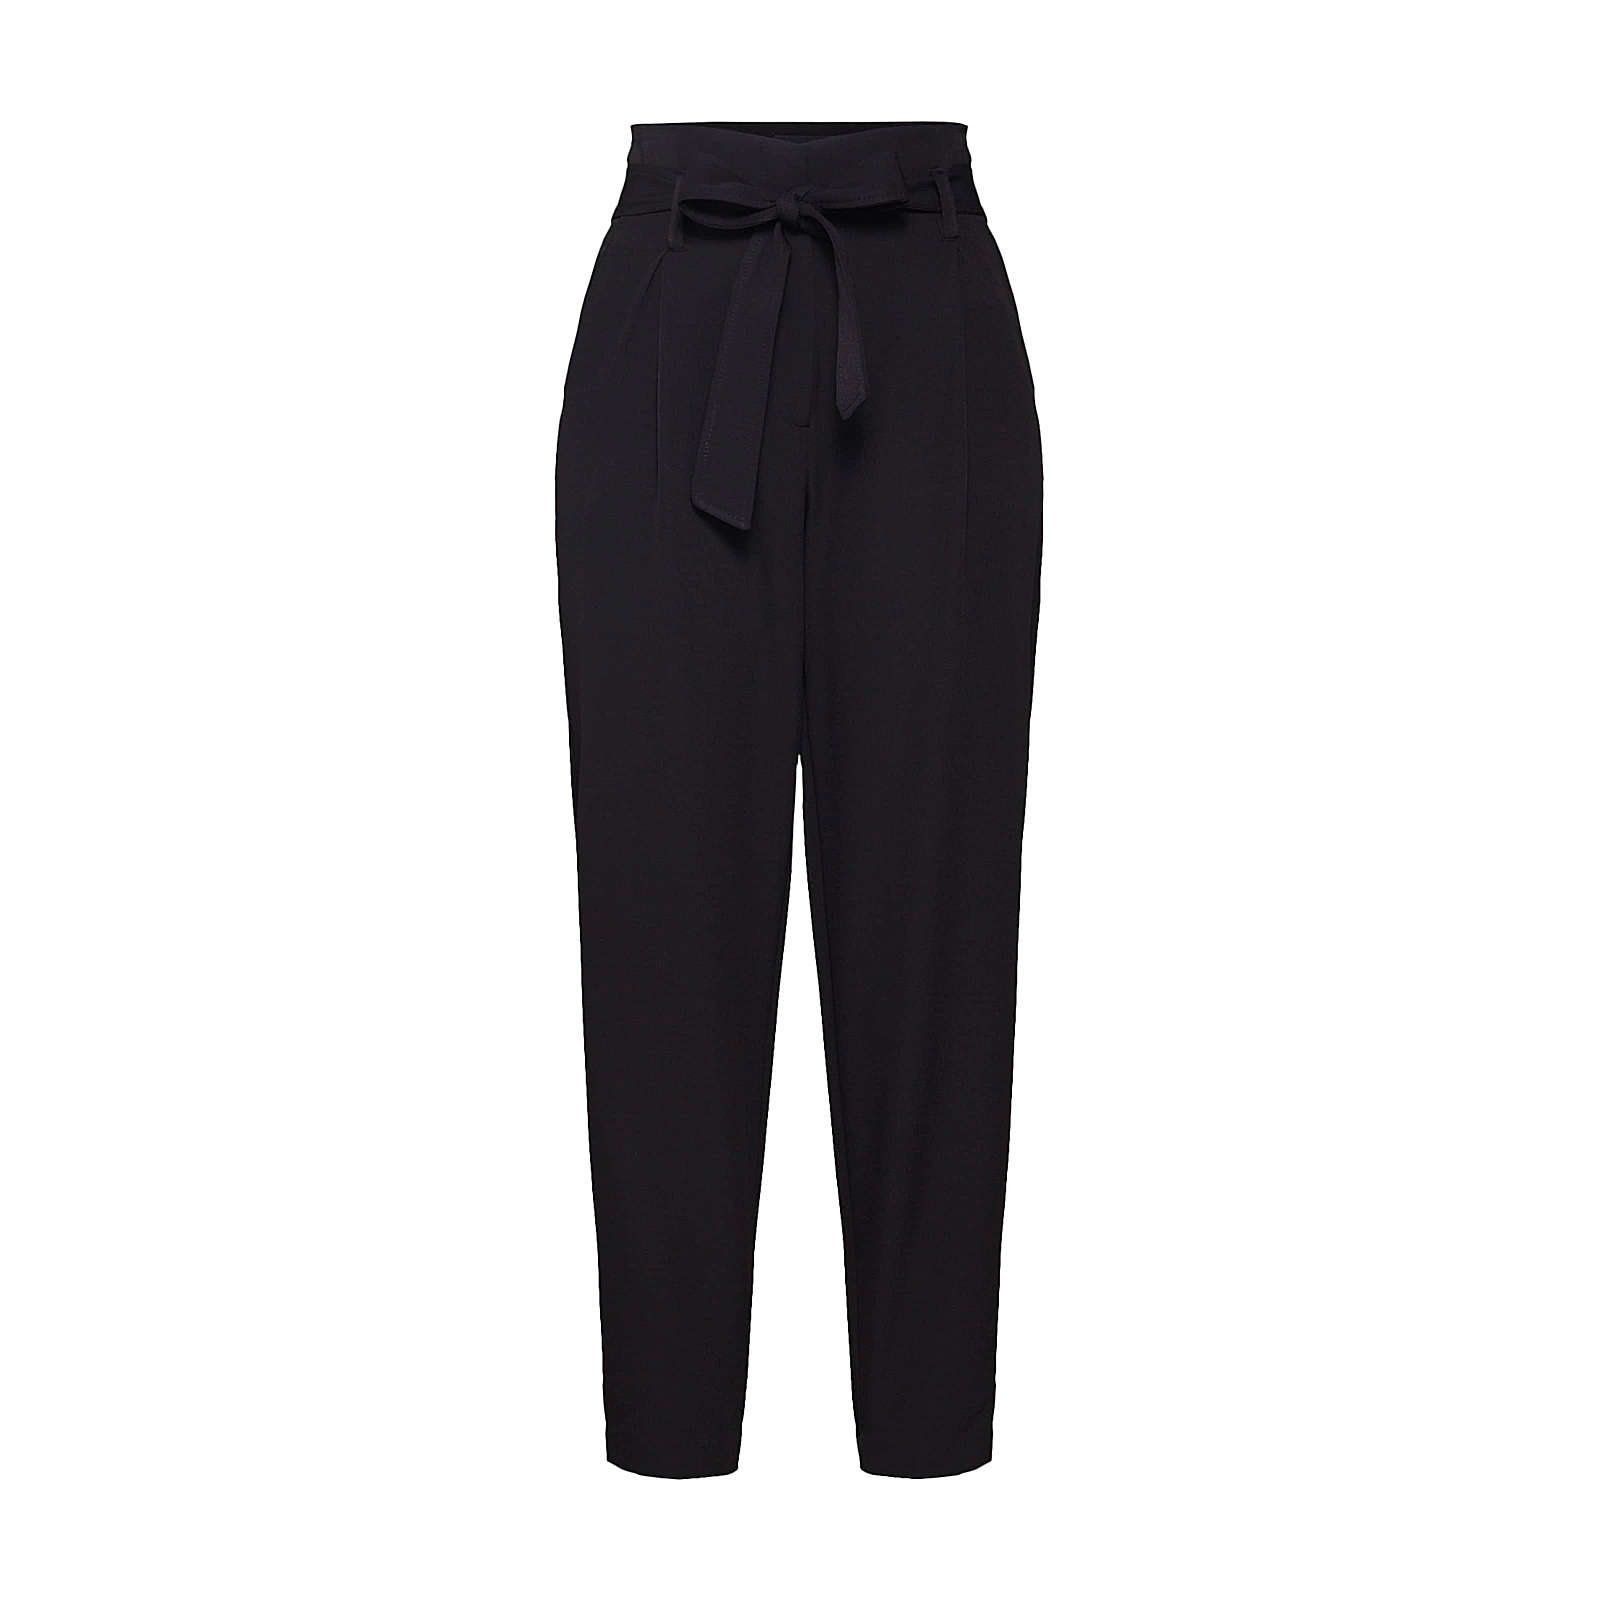 NEW LOOK Bundfaltenhose Stoffhosen schwarz Damen Gr. 40